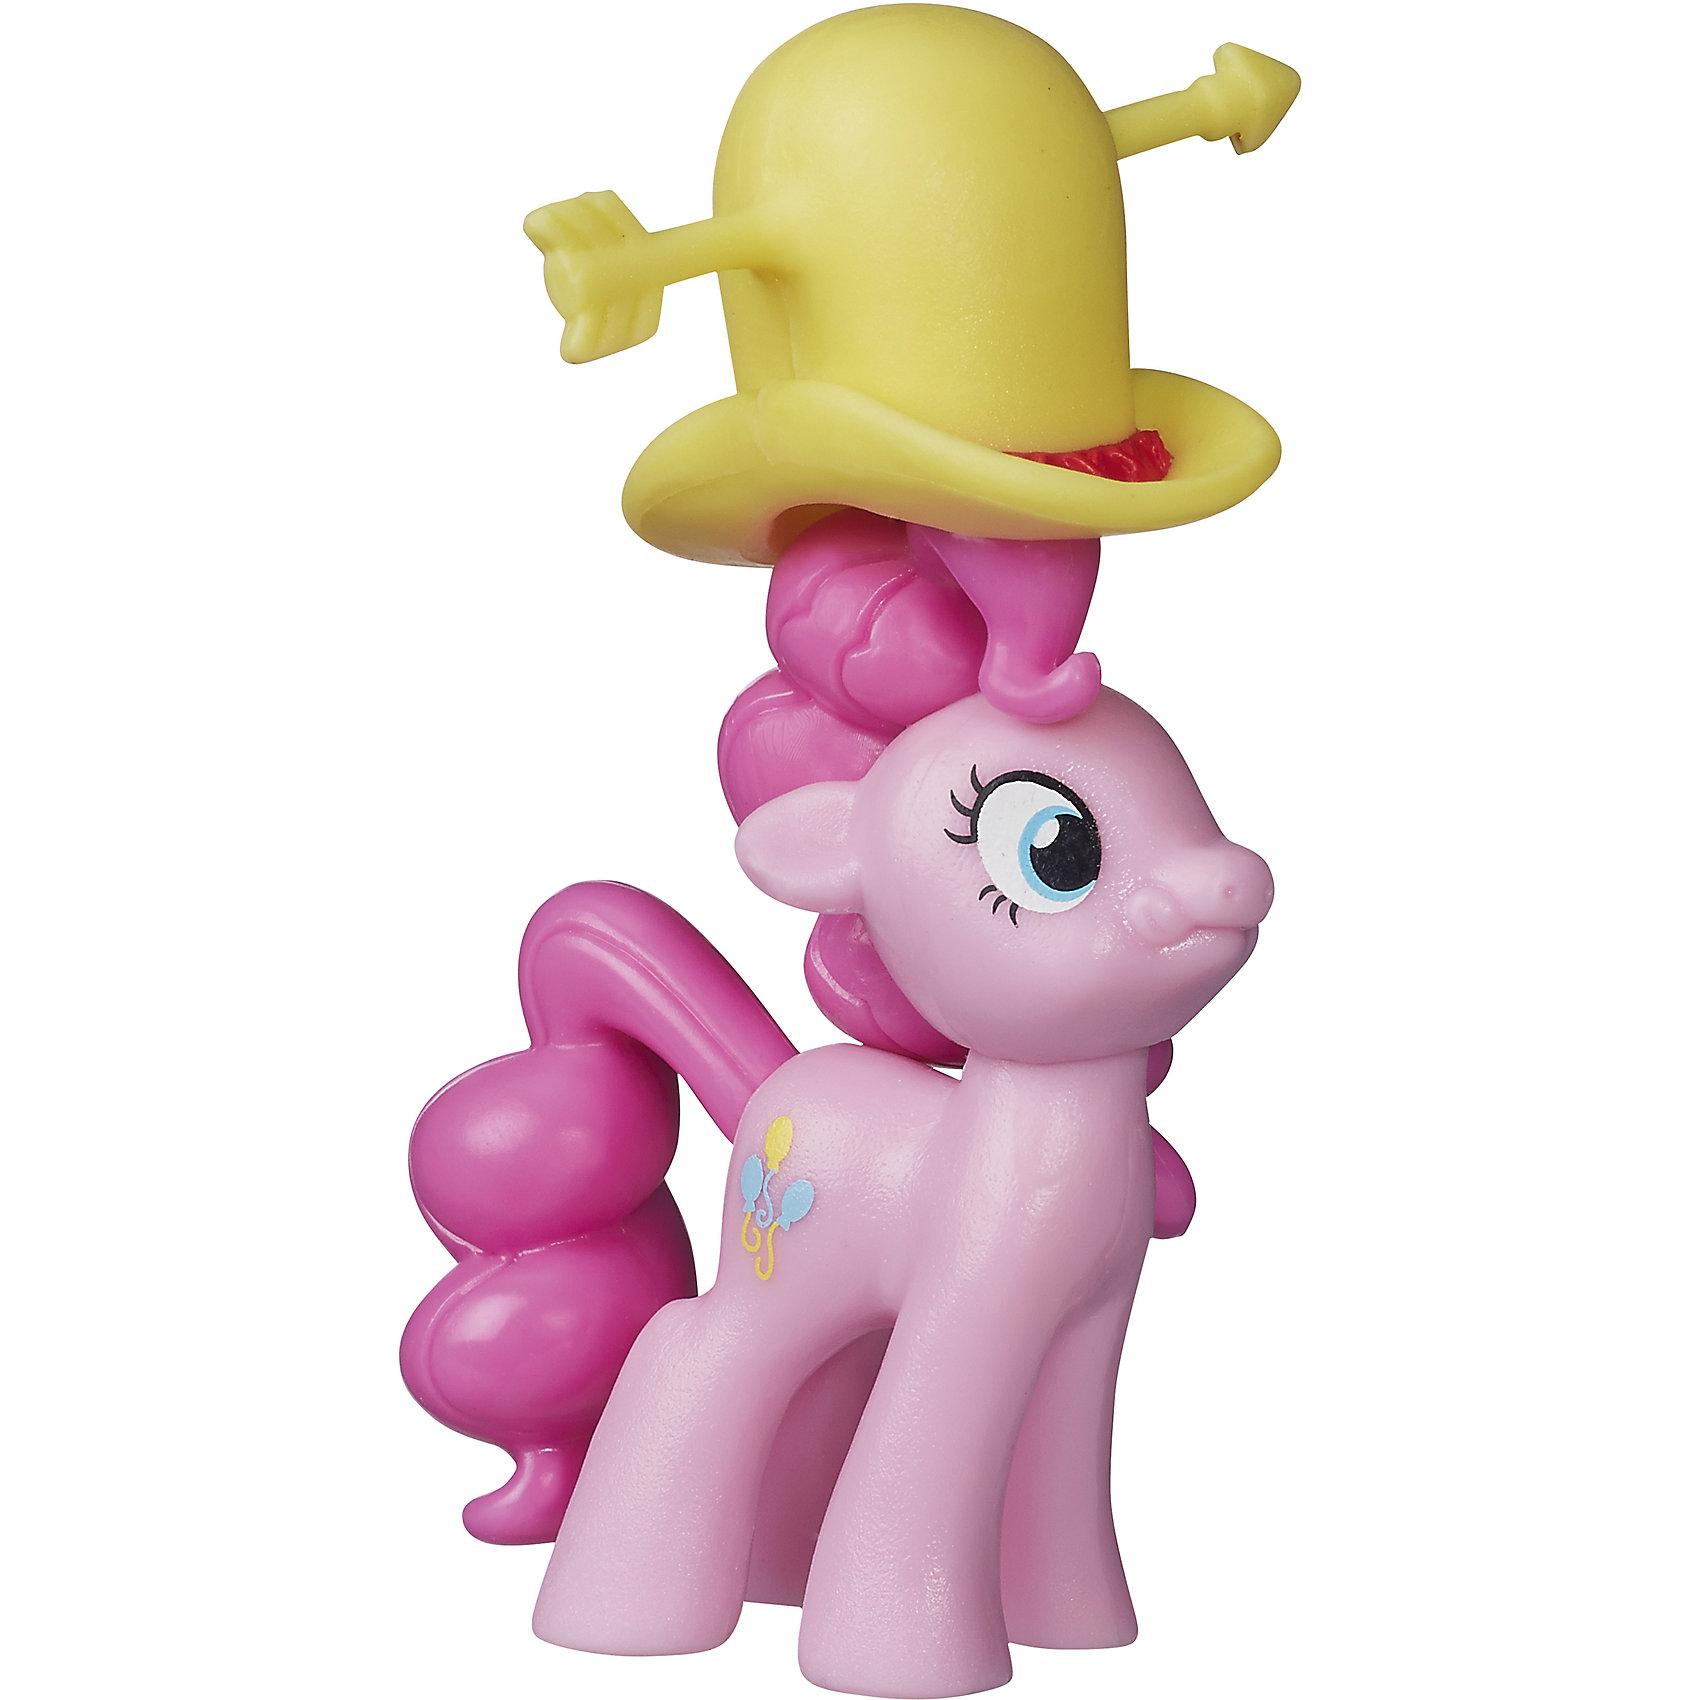 Коллекционная пони Пинки Пай, My little PonyКоллекционная пони, My little Pony (Май литтл пони).<br><br>Характеристики:<br><br>• Материал: пластик.<br>• Размер фигурки: 5см.<br>• Цвет: розовый.<br><br>Коллекционная пони, My little Pony (Май литтл пони)сделана по мотивам популярного мультсериала My Little Pony. Это  малышка Пинки Пай - главная героиня знаменитого мультфильма.  Игрушка выполнена с большим вниманием к деталям, отличается красивой расцветкой и существенным сходством со своим анимационным прототипом. У крошки  Пинки  Пай  есть забавная желтая шляпа, которая легко снимается.  Ваша девочка будет рада получить в подарок такую игрушку.<br><br>Коллекционную пони, My little Pony (Май литтл пони), можно купить в нашем интернет – магазине.<br><br>Ширина мм: 119<br>Глубина мм: 103<br>Высота мм: 30<br>Вес г: 23<br>Возраст от месяцев: 48<br>Возраст до месяцев: 72<br>Пол: Женский<br>Возраст: Детский<br>SKU: 5177793